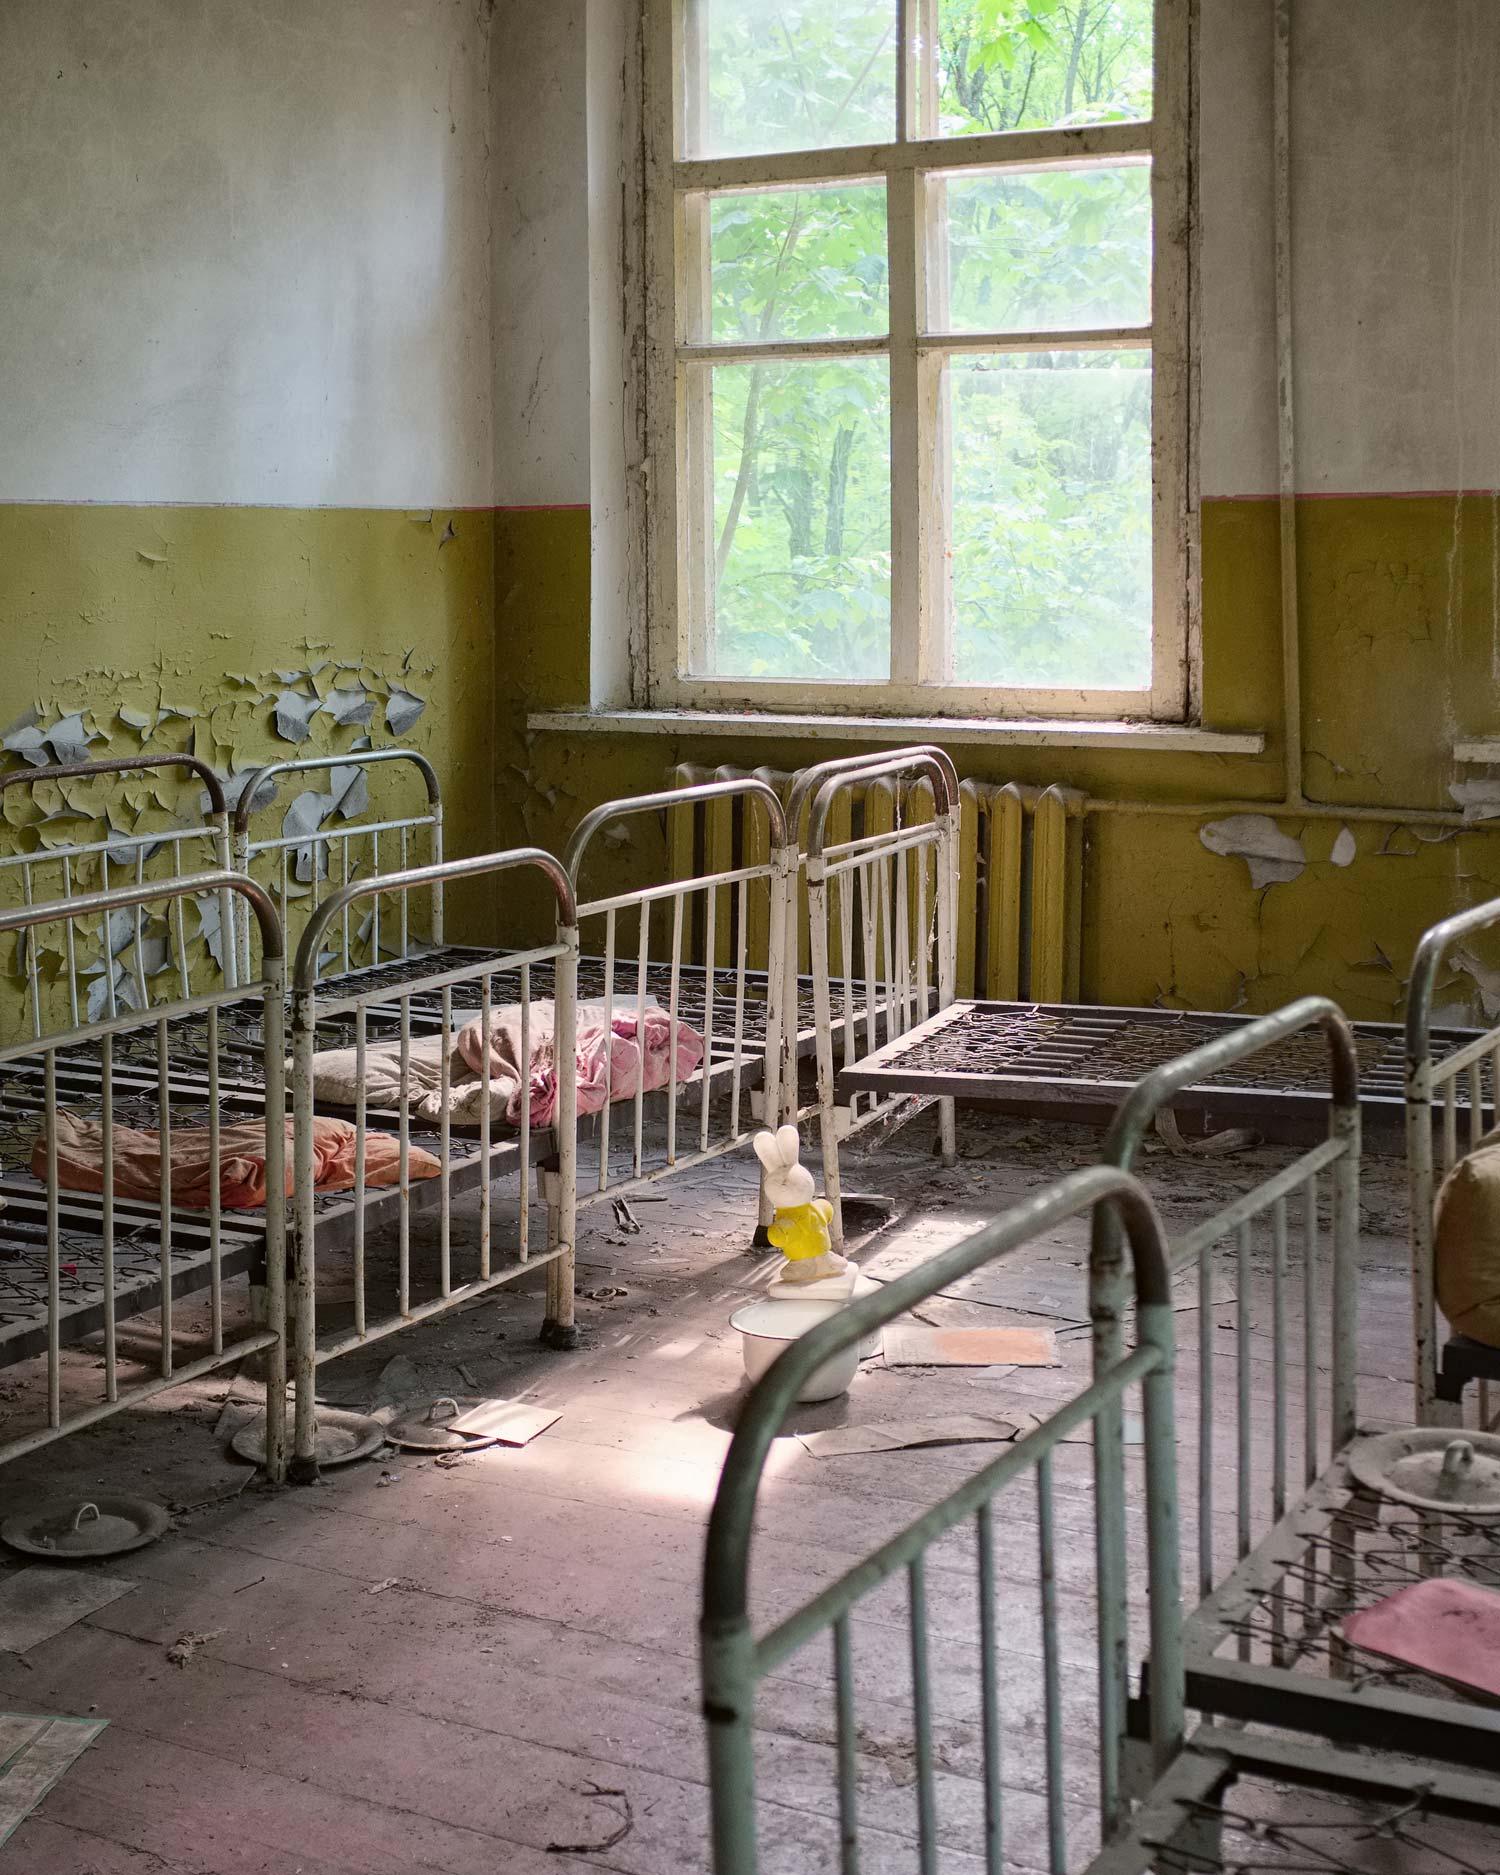 018_chernobyl_KopachiDaycare.jpg